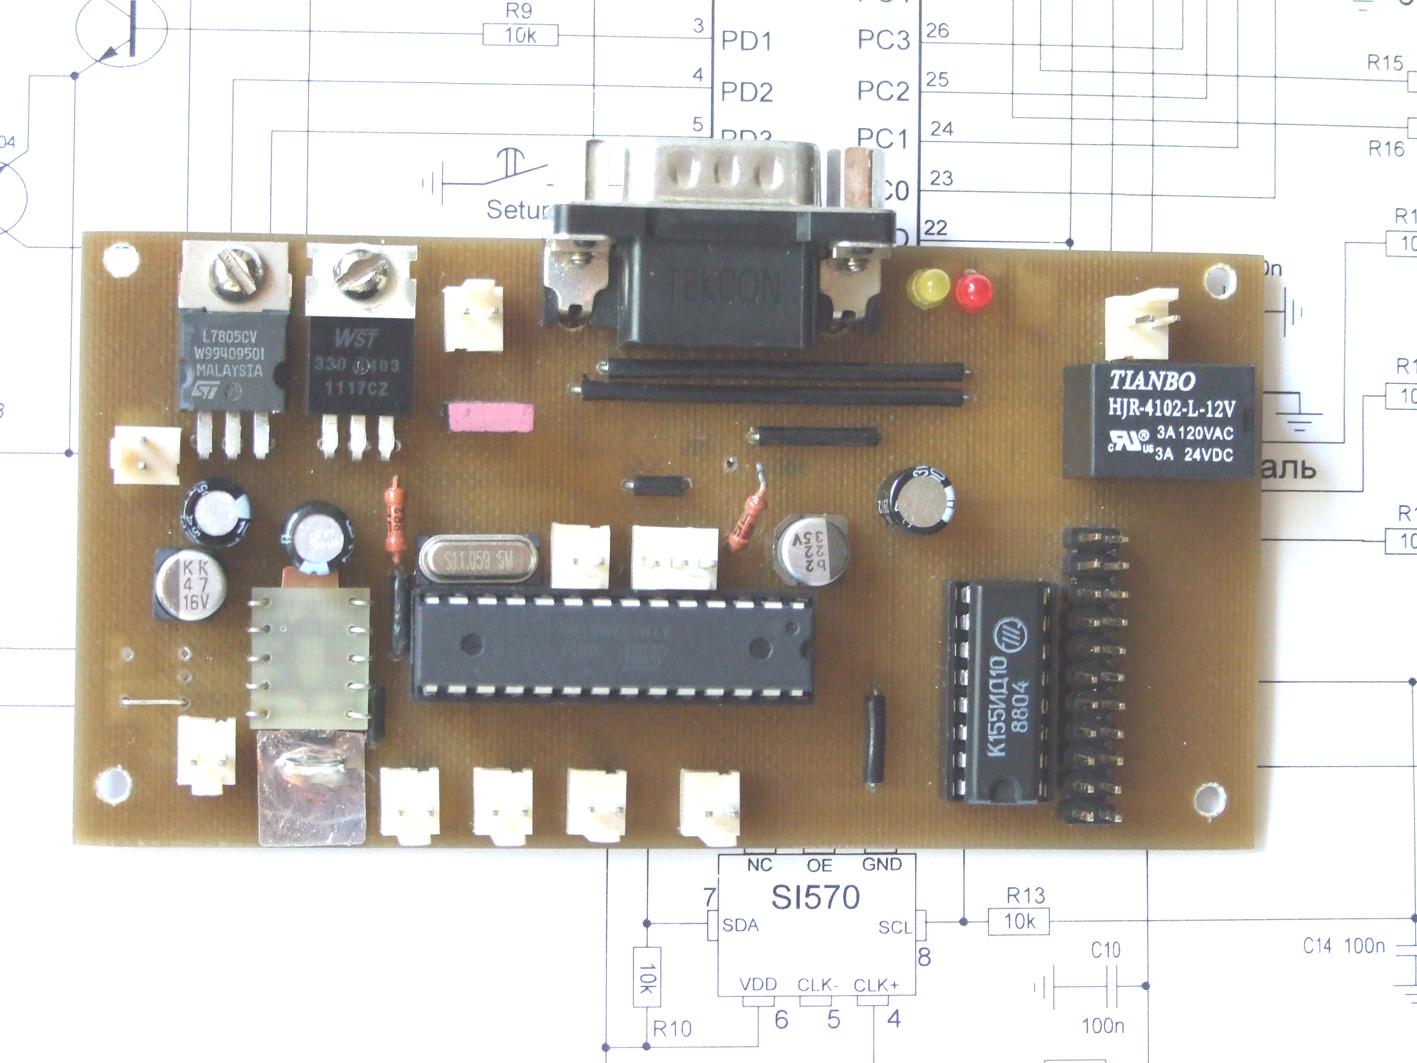 Скачать симулятор синтезатора для ноутбука